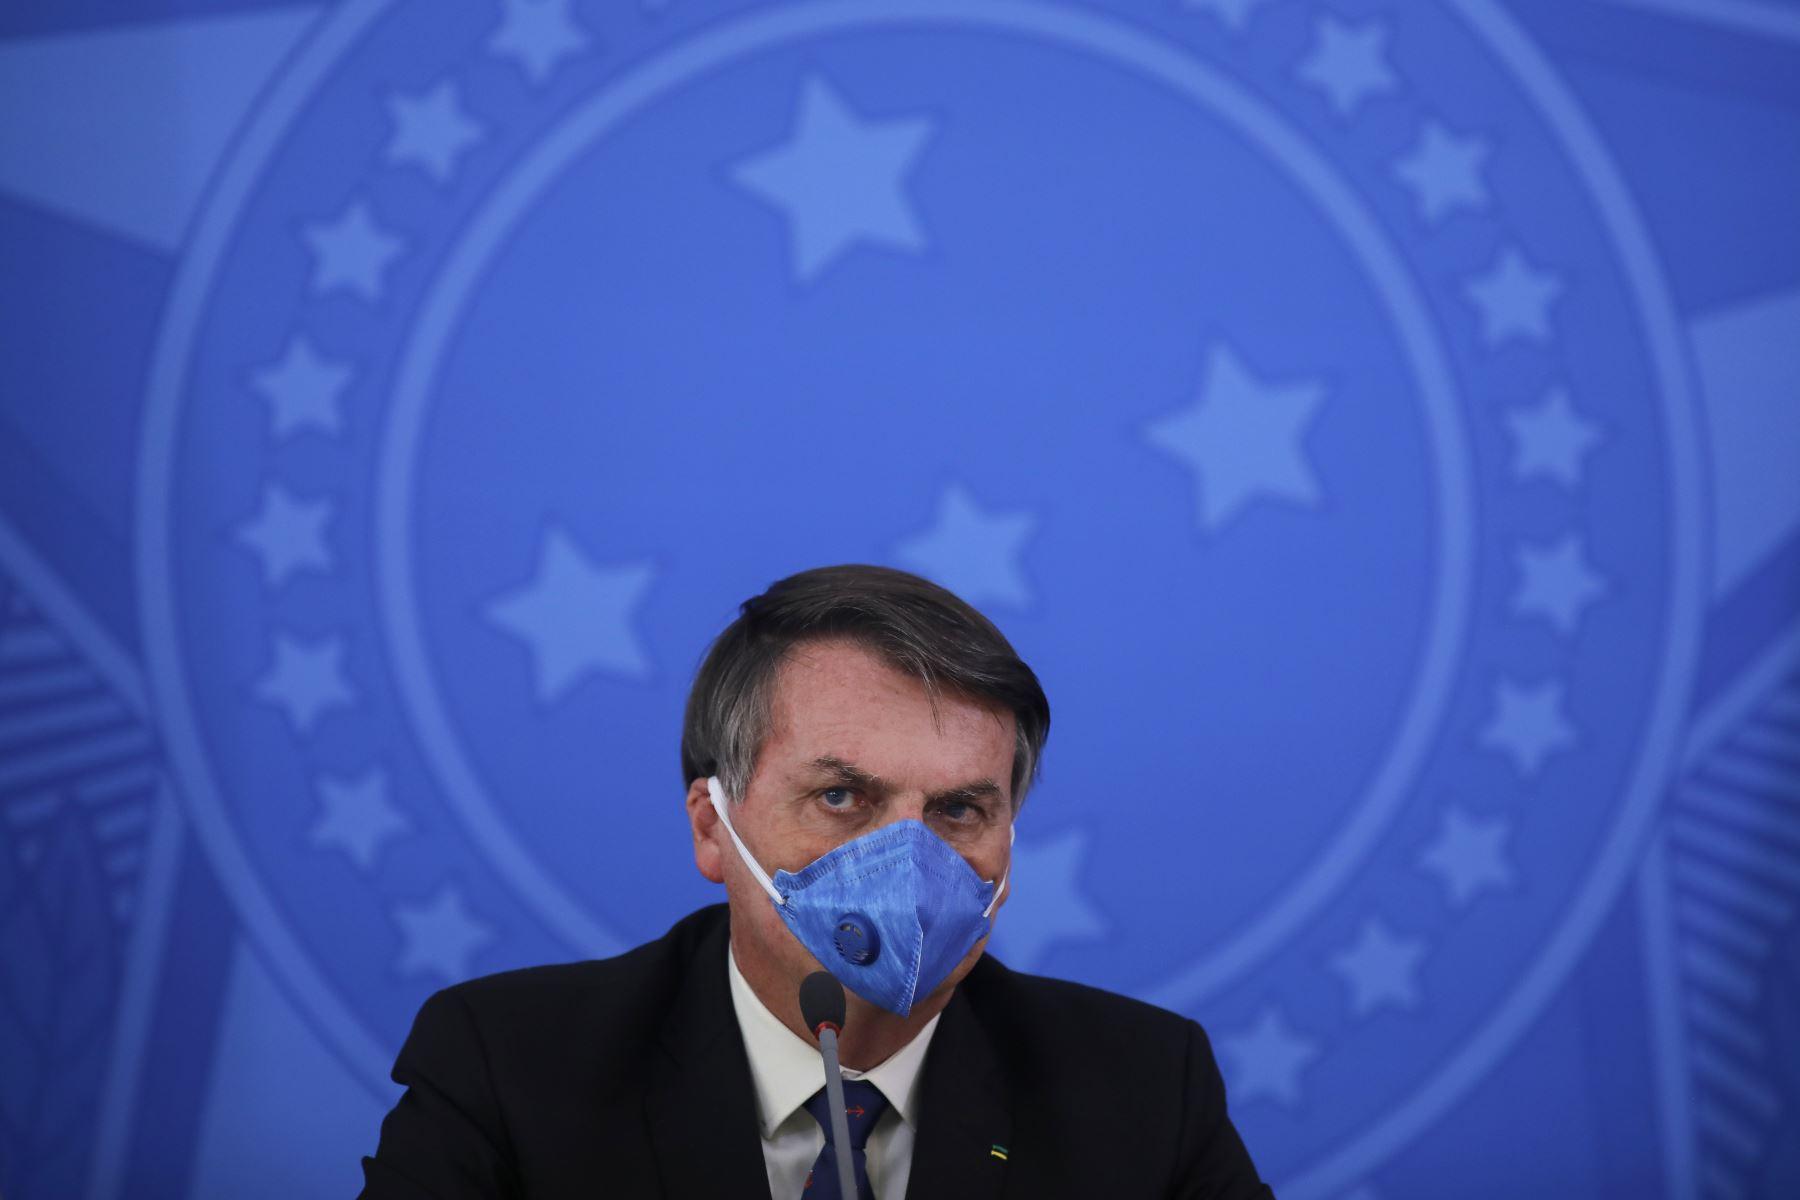 """El mandatario, uno de los pocos líderes mundiales negacionistas sobre el peligro de la enfermedad, califica a la pandemia como """"gripecita"""". Foto: AFP"""